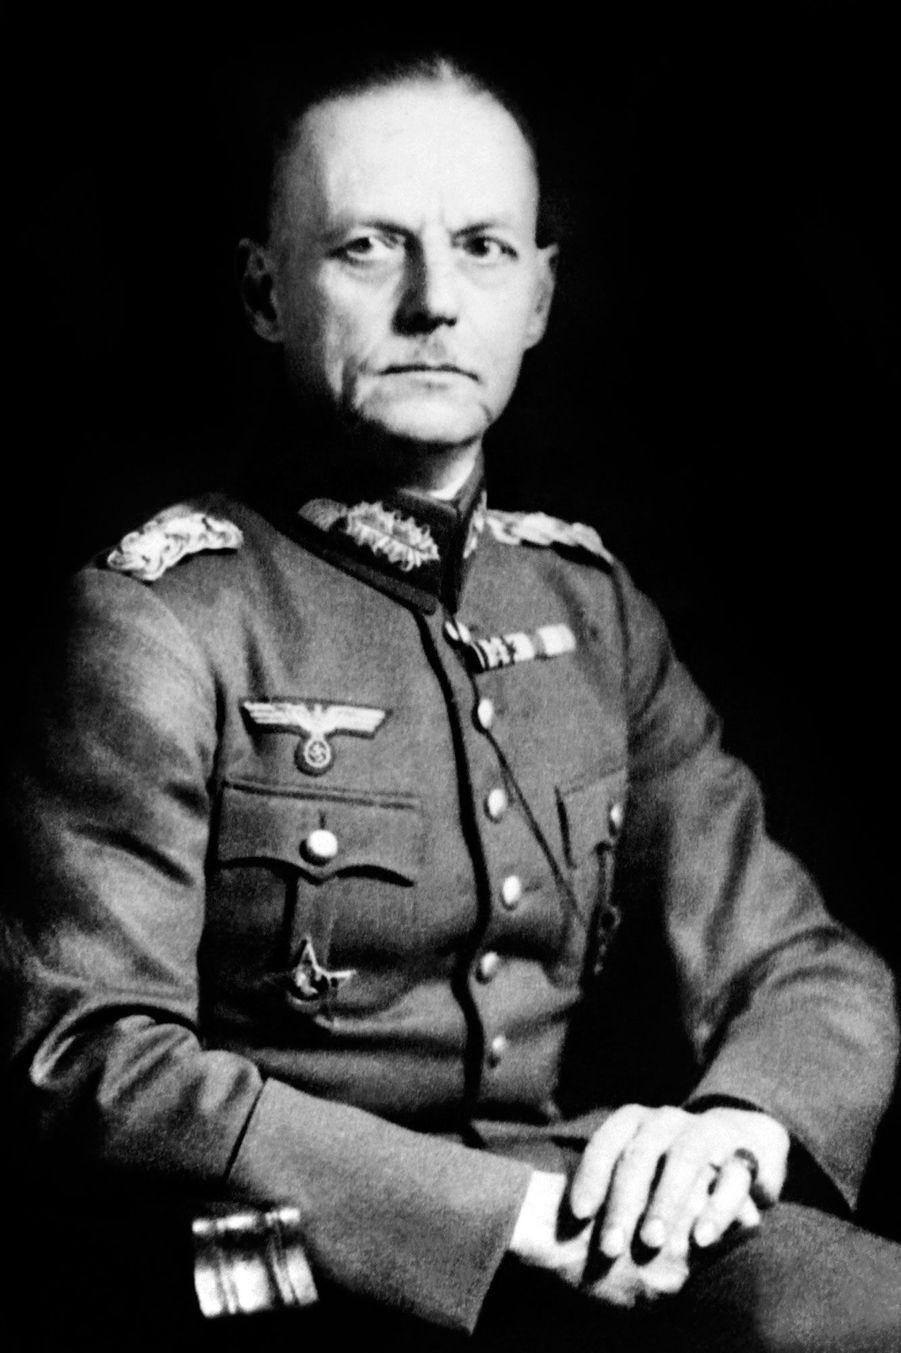 Le général Gerd von Rundstedt, entre 1943 et 1944.